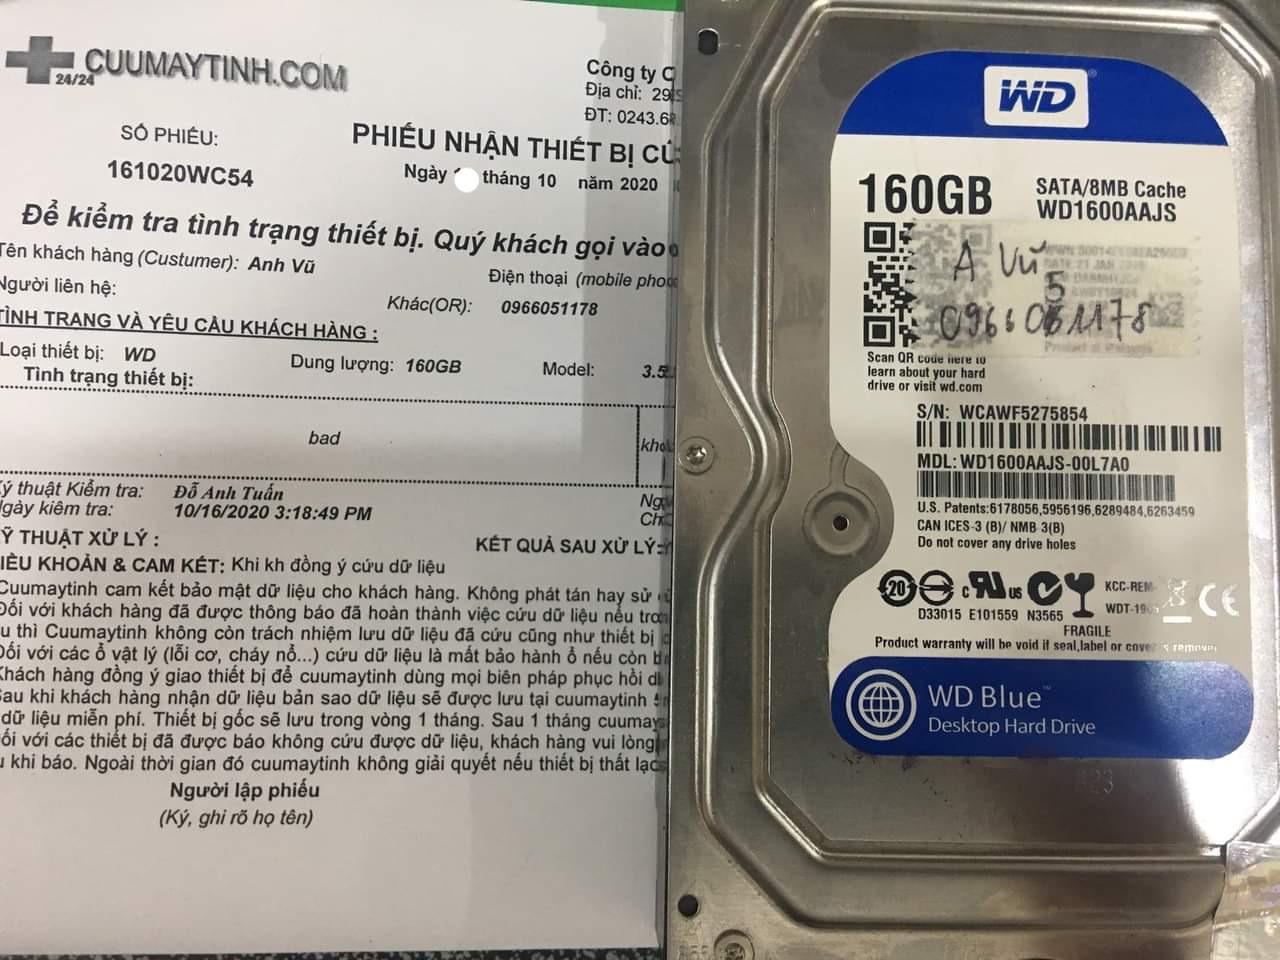 Cứu dữ liệu ổ cứng Western 160GB bad 21/10/2020 - cuumaytinh